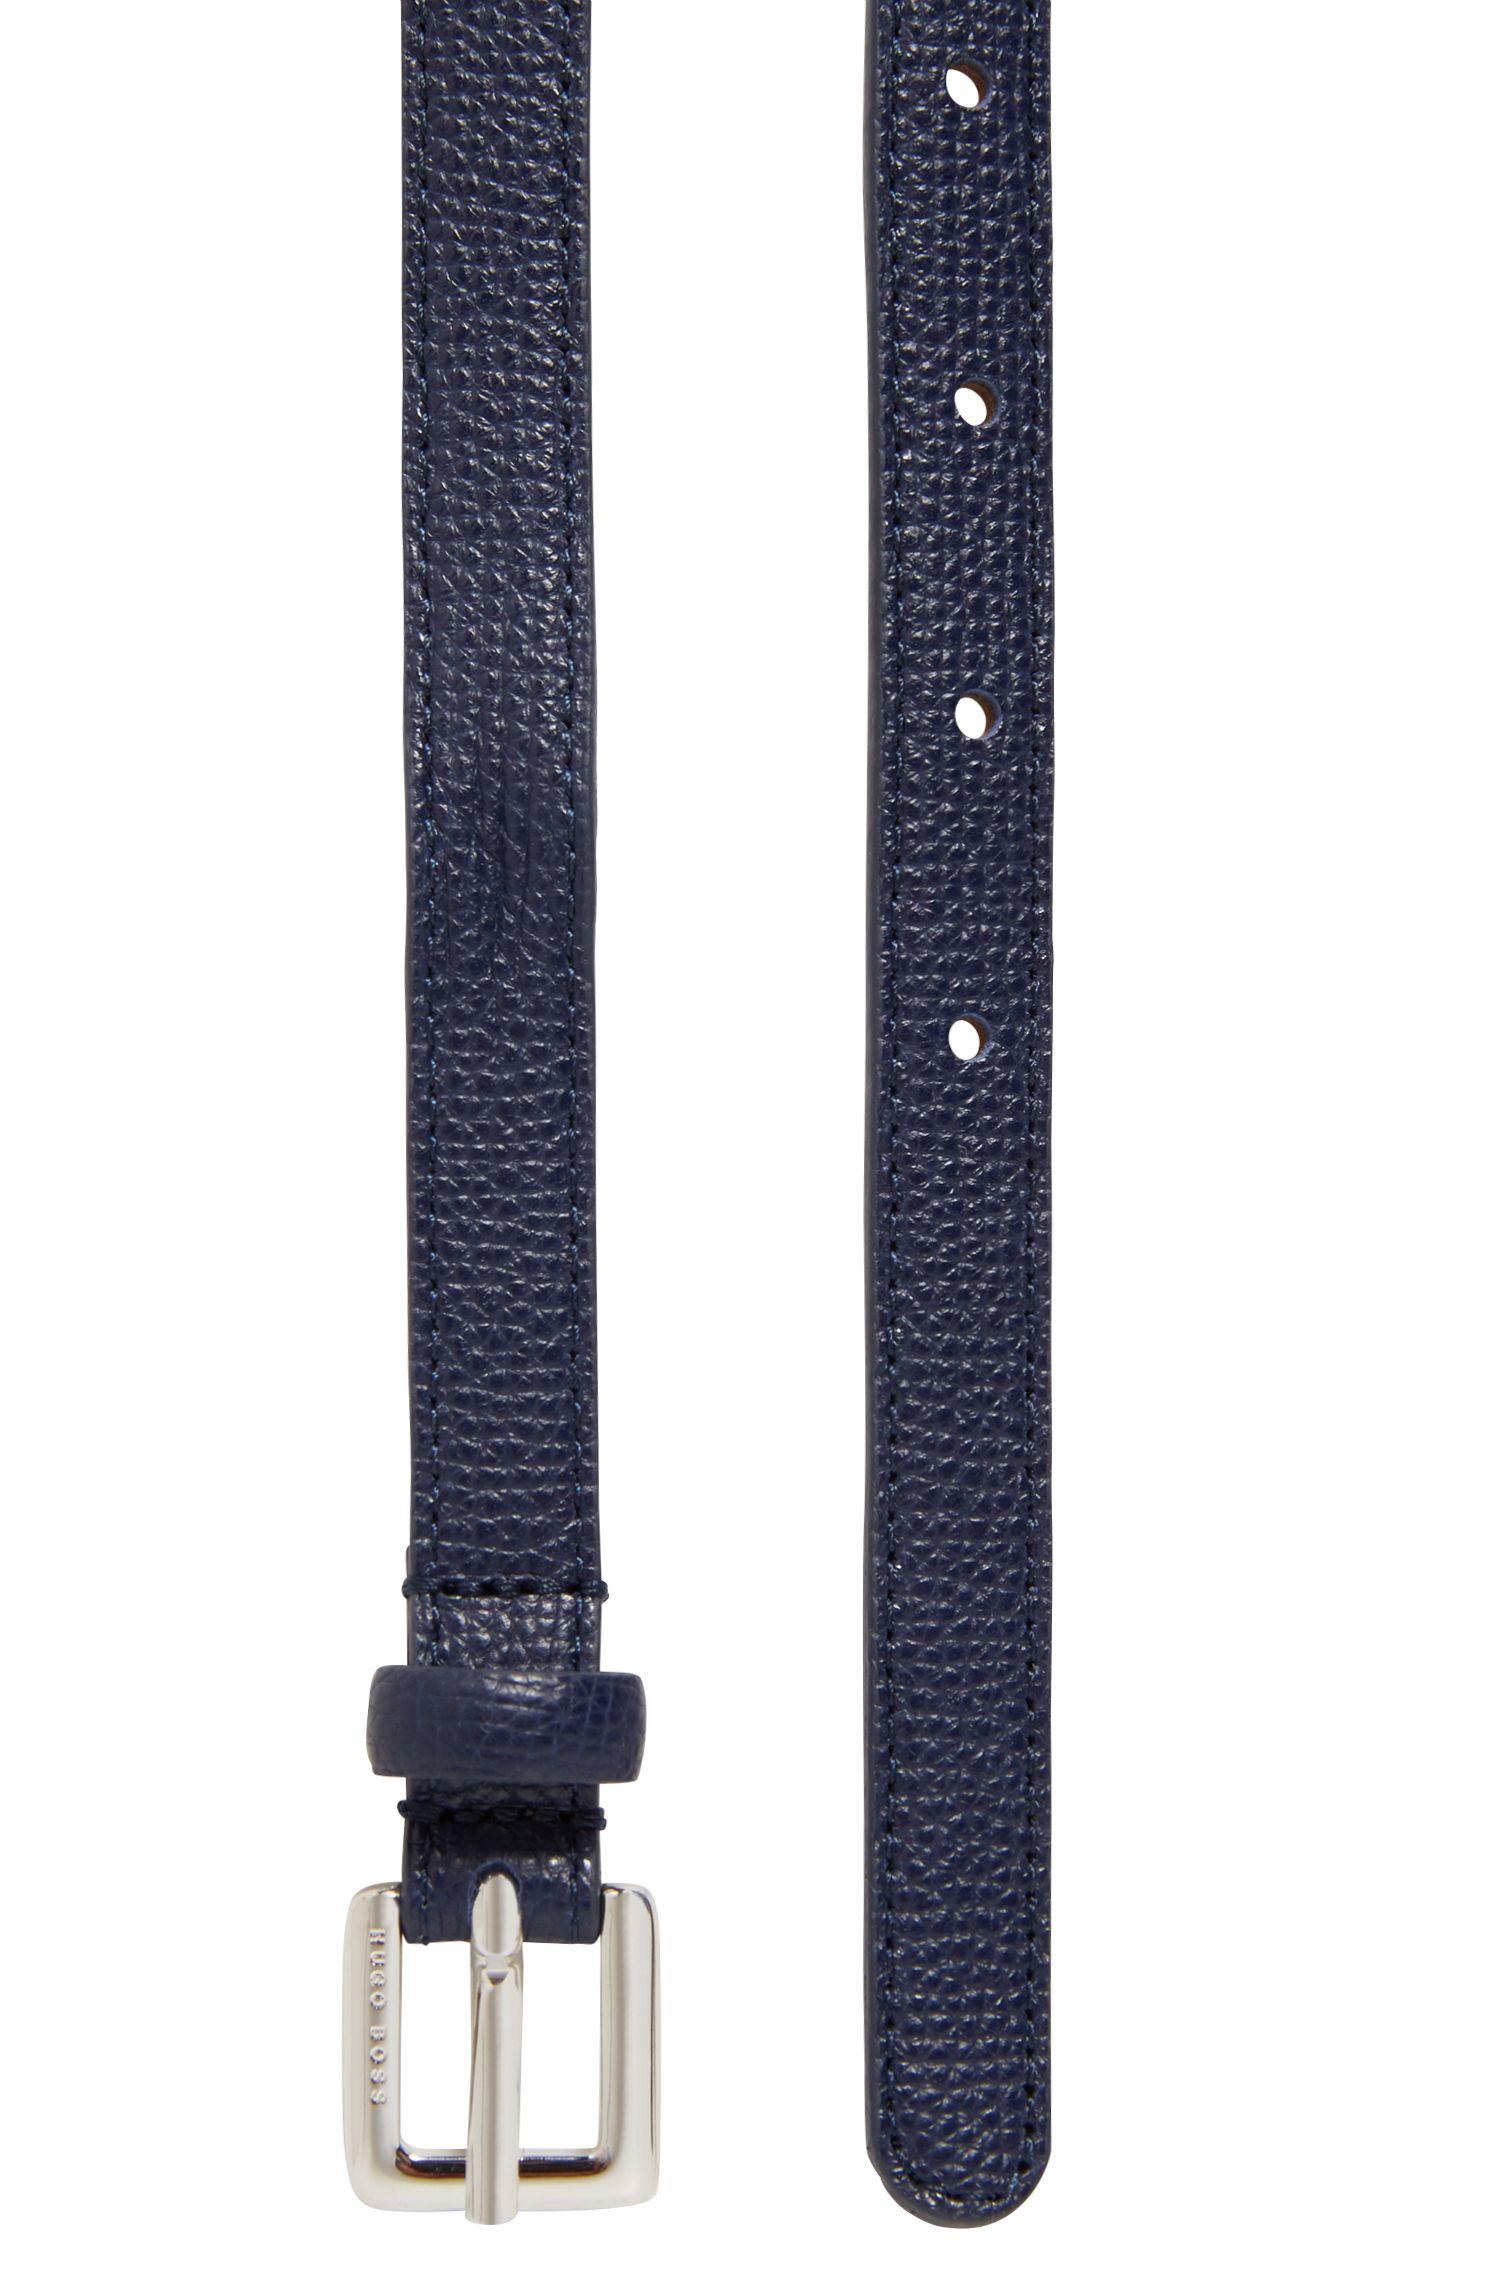 Cintura sottile in pelle martellata realizzata in Italia